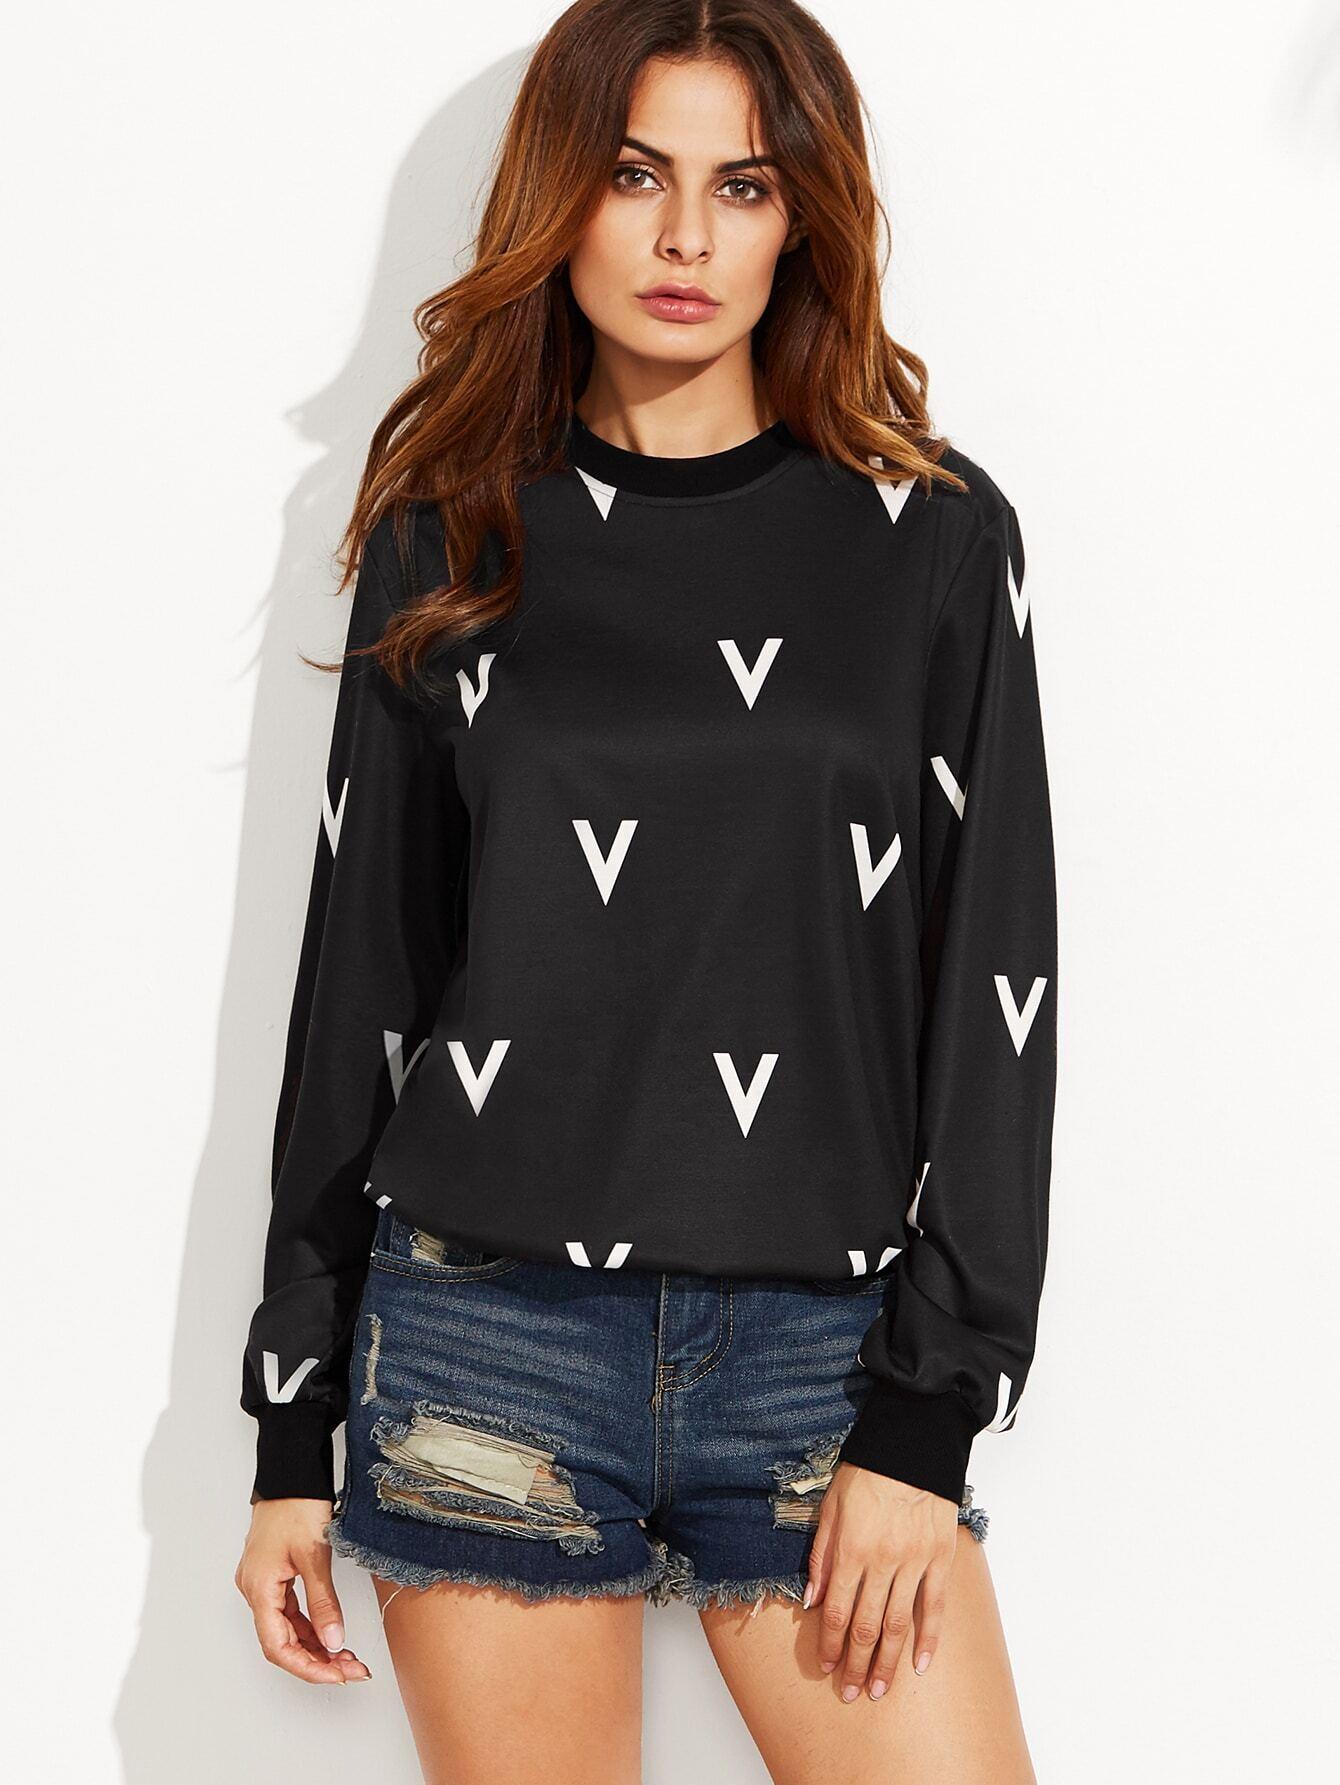 sweatshirt160905701_2